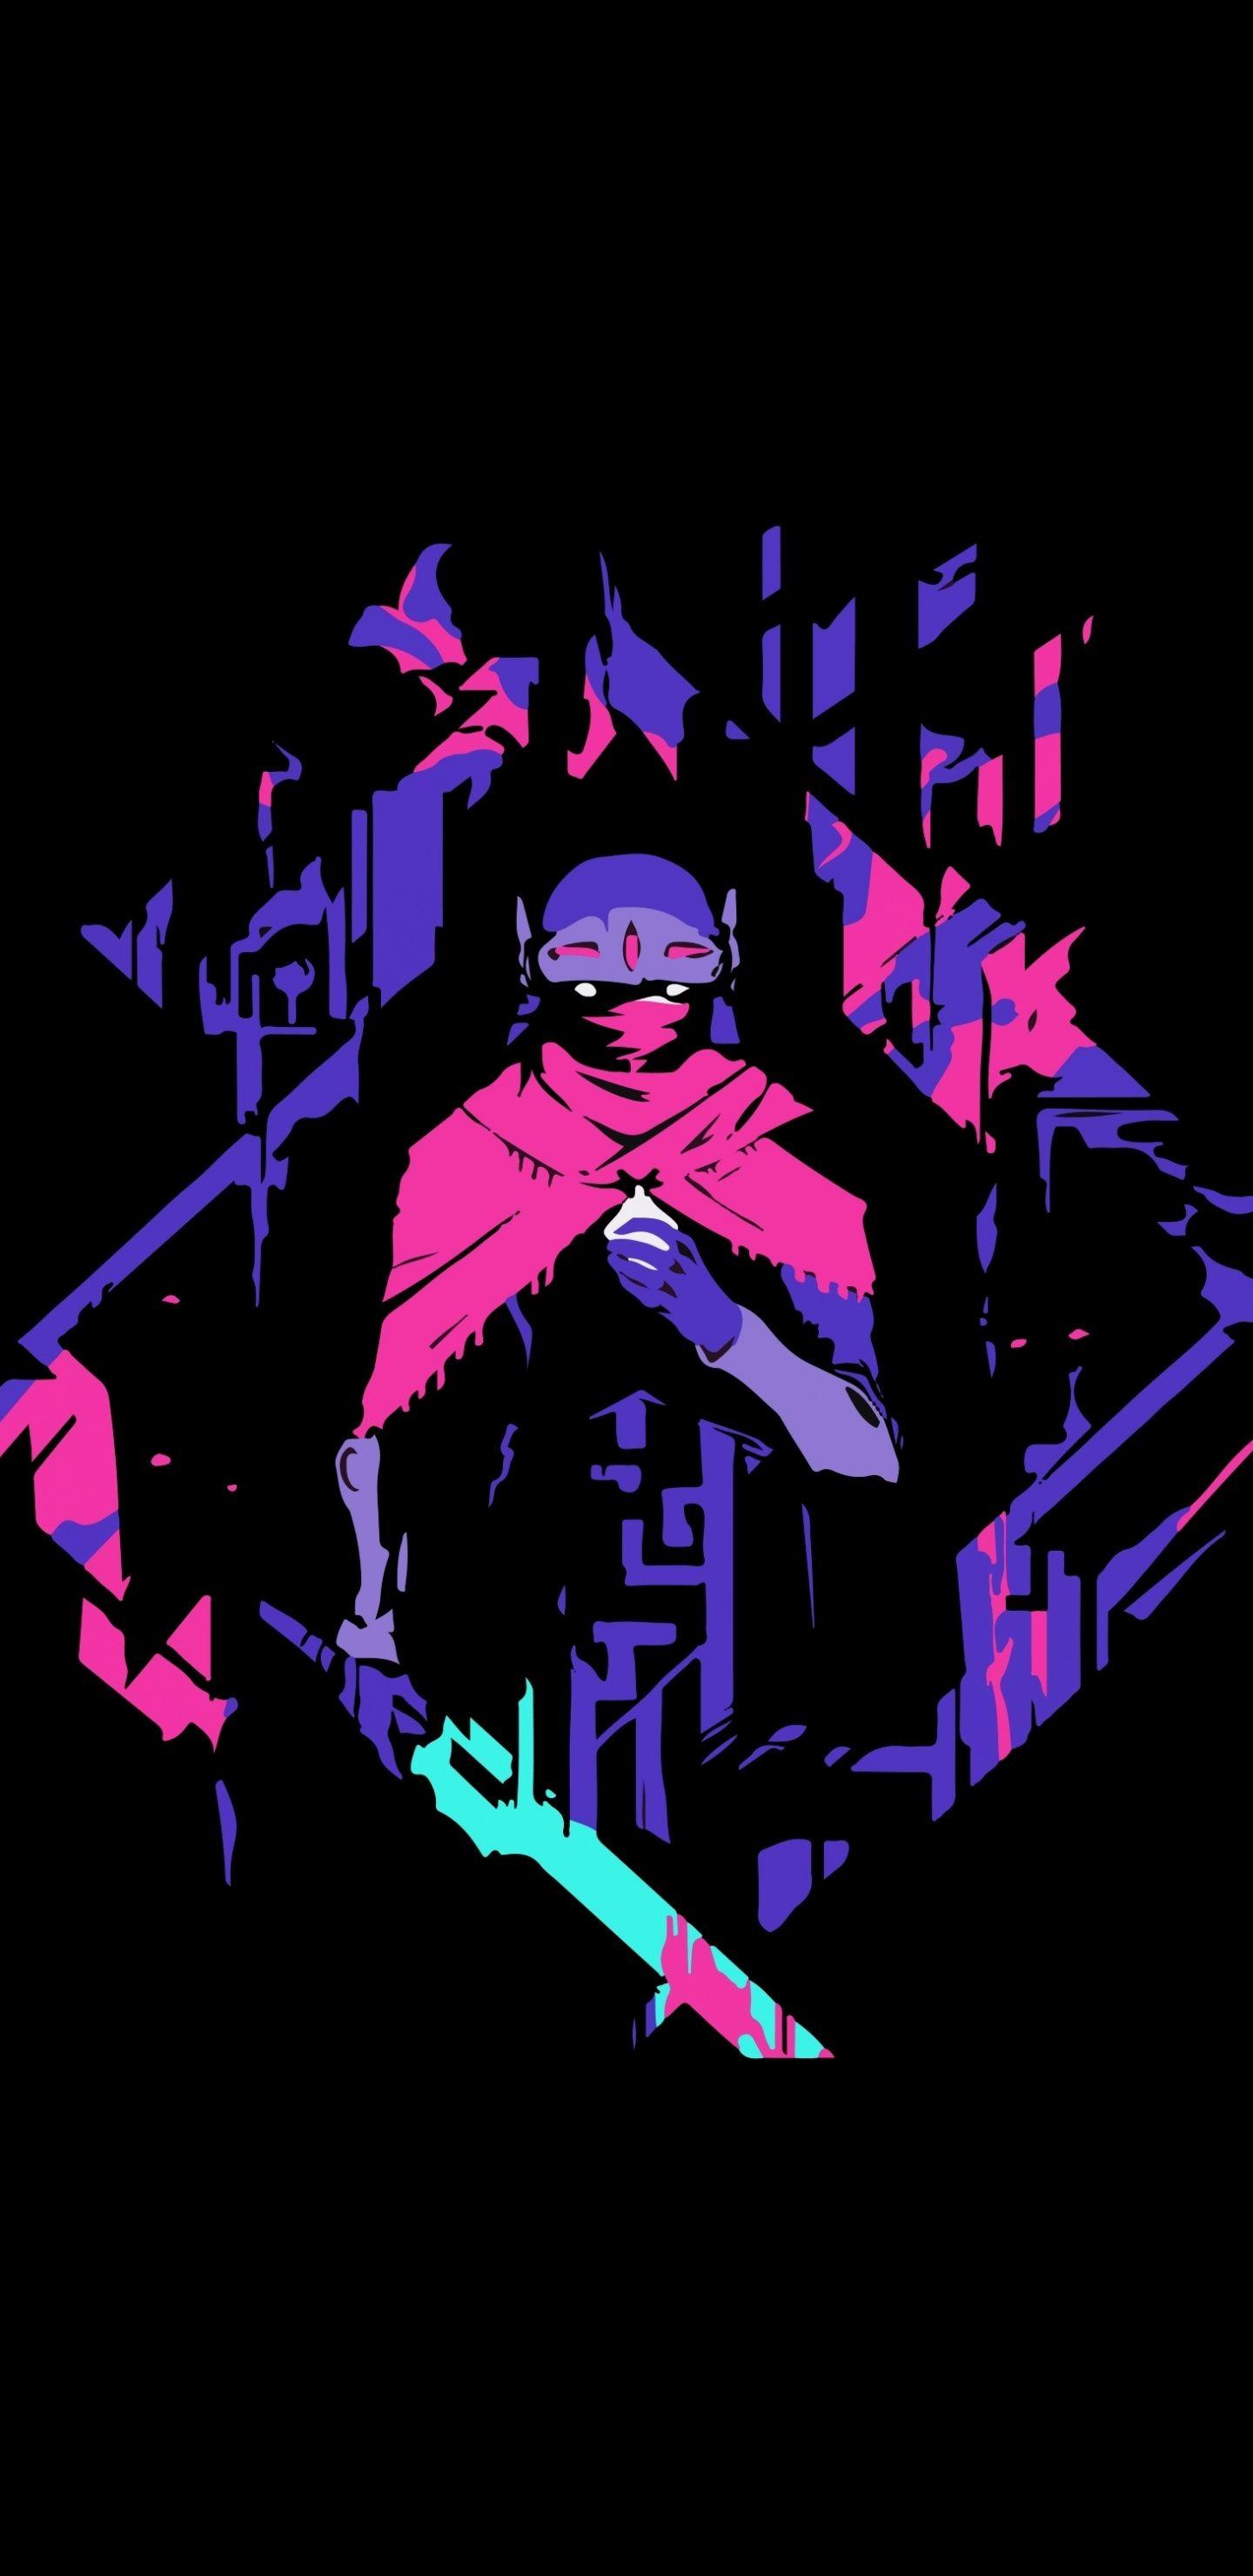 1440x2960 Hyper Light Drifter Minimal Computer Game Wallpaper Hyper Light Drifter Wallpaper Destiny Wallpaper Hd Pixel Art Anime samsung galaxy s8 plus wallpaper